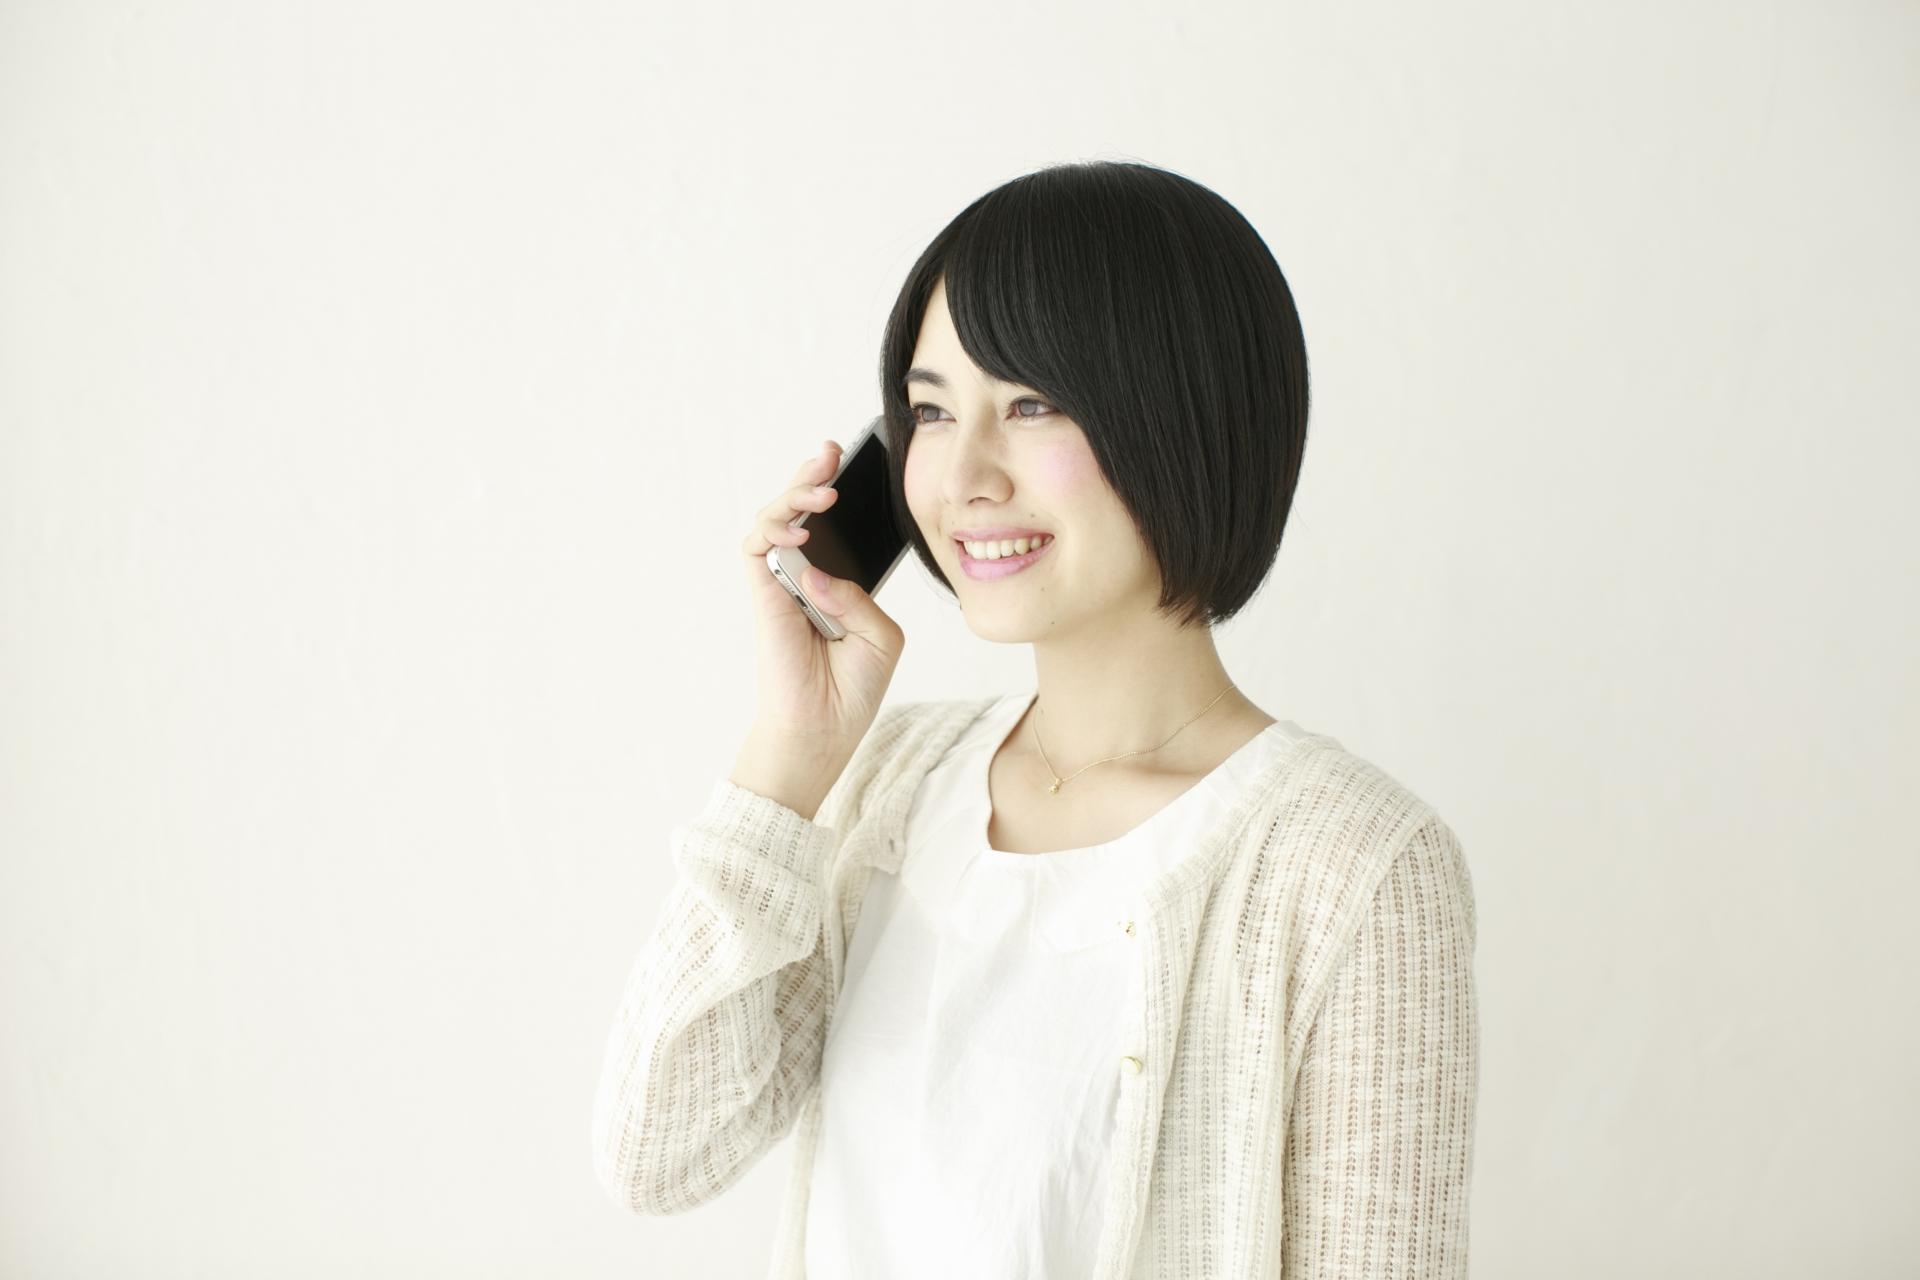 【LINE】LINEの通話にさりげなく誘う5つの方法【LINE通話】